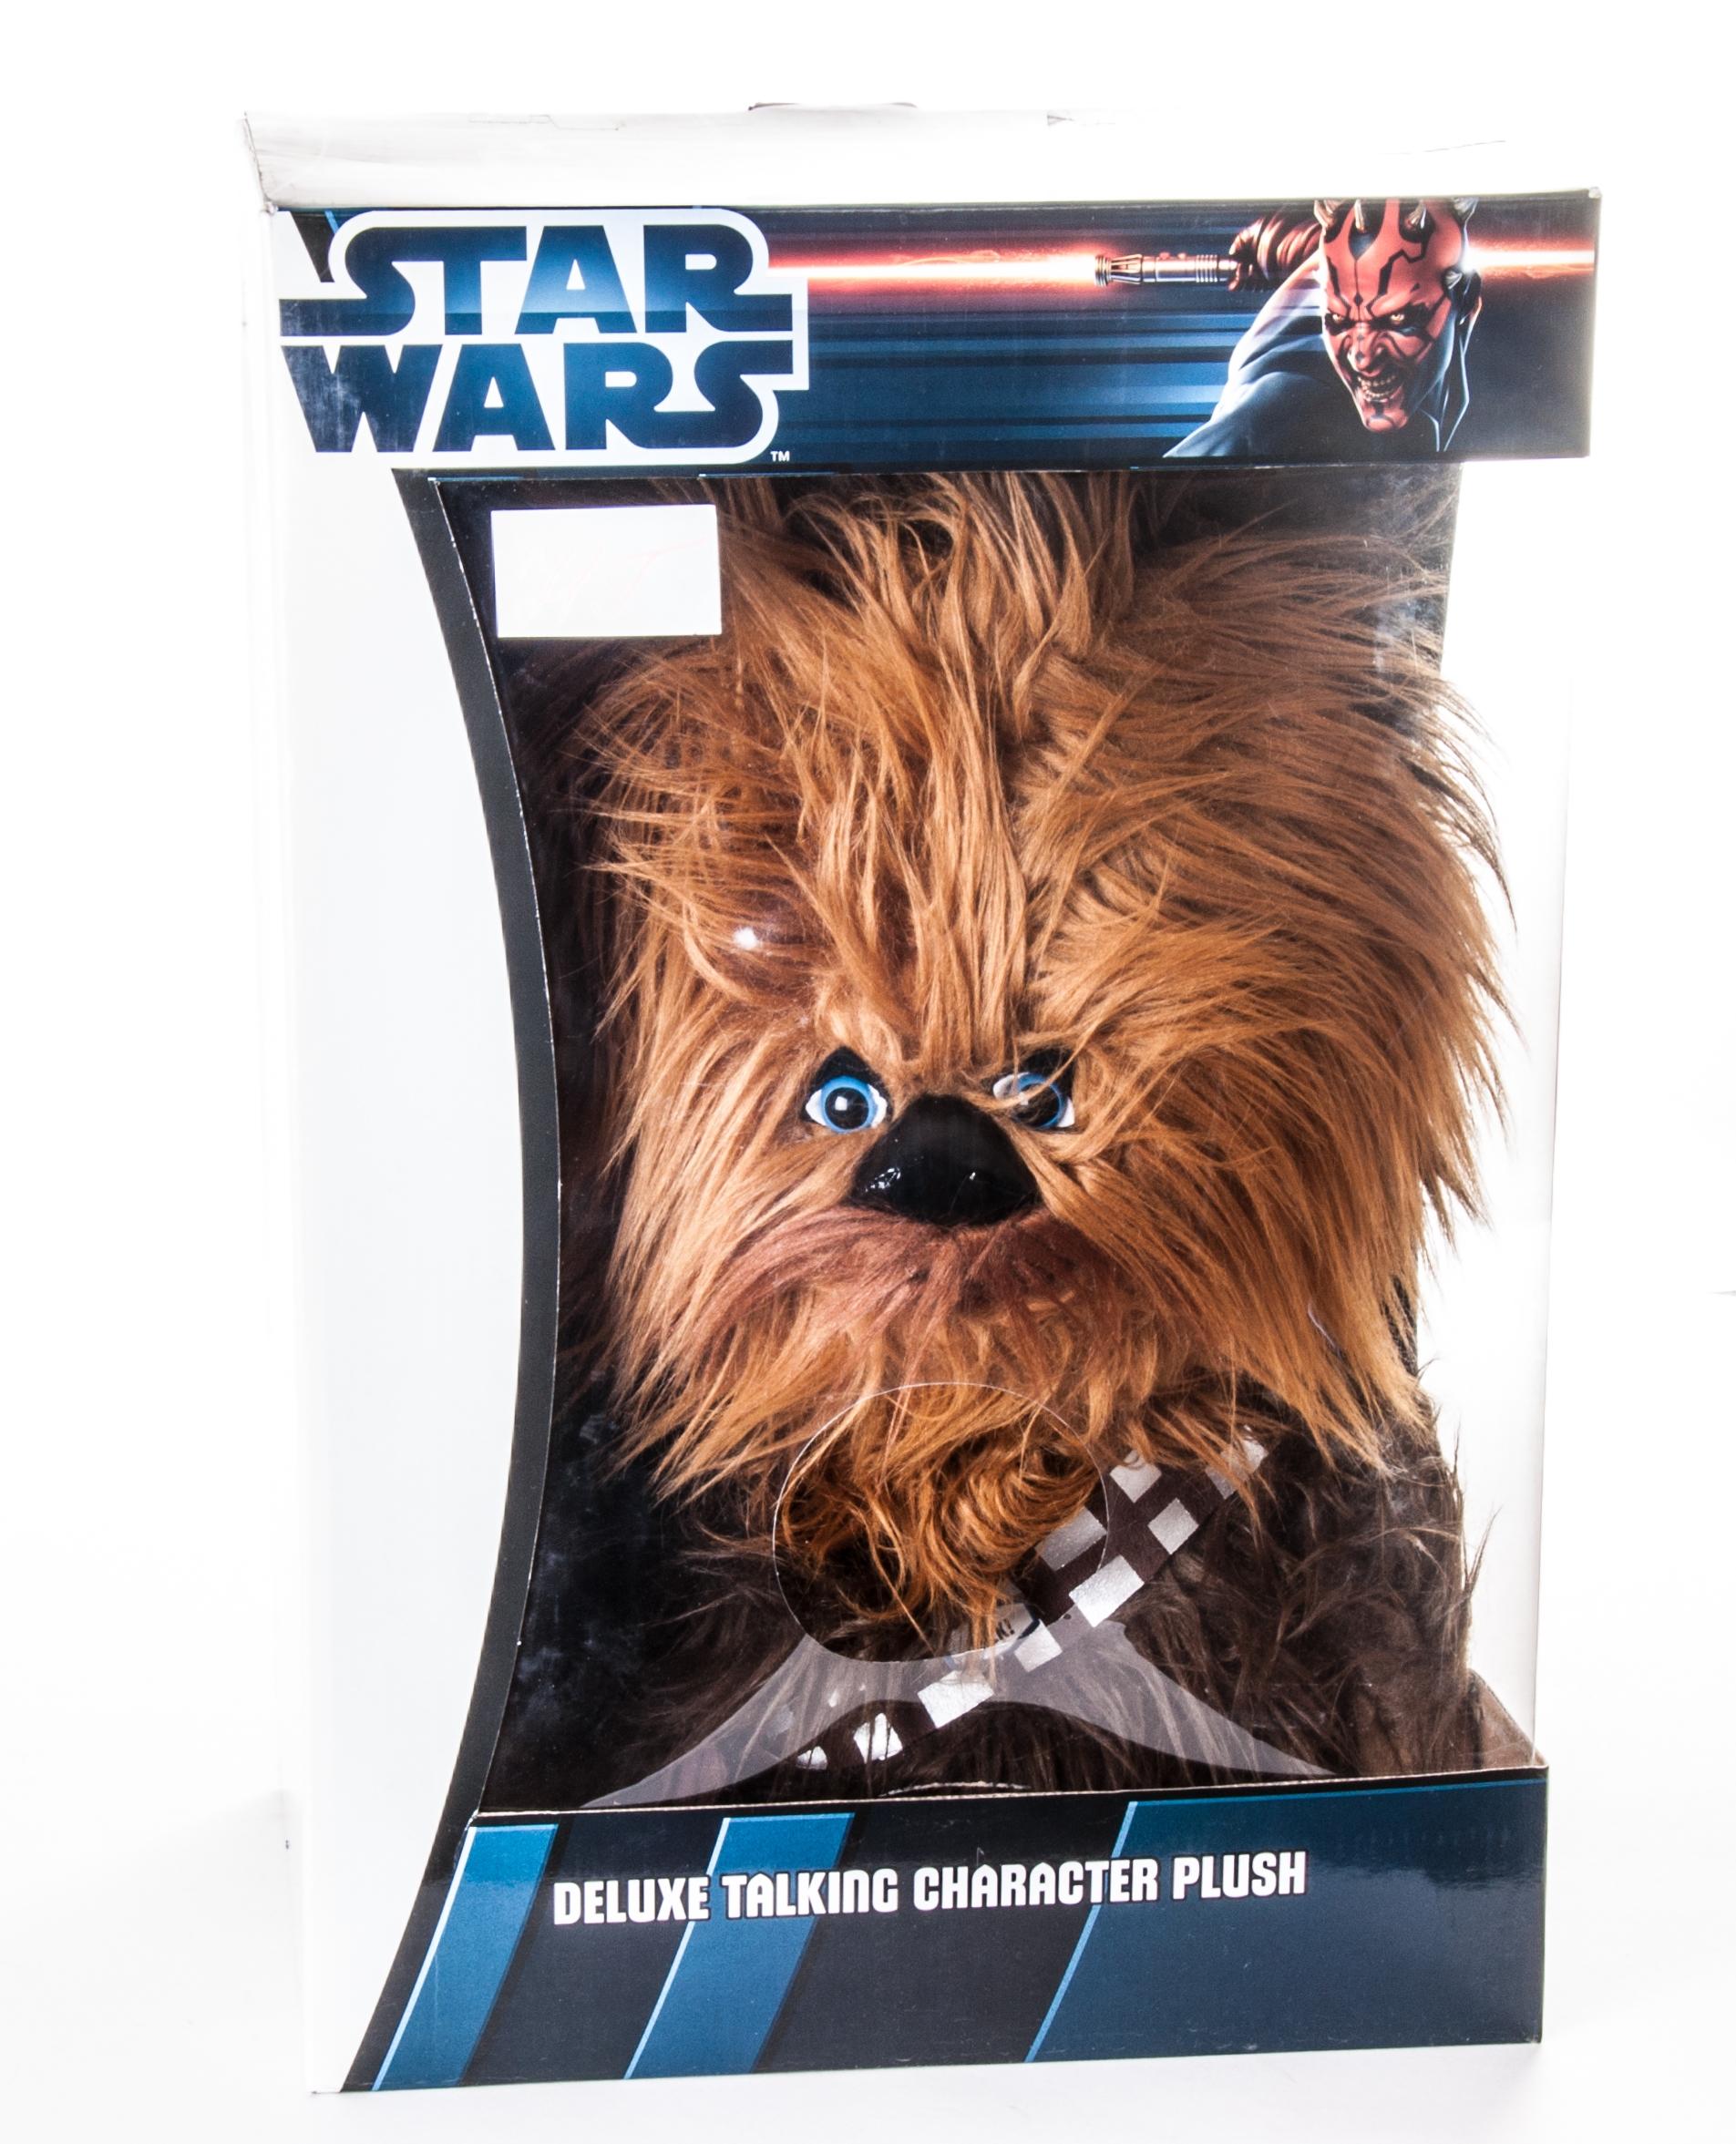 Star Wars Игрушка StarWars Чубакка плюшевый со звуком - 2